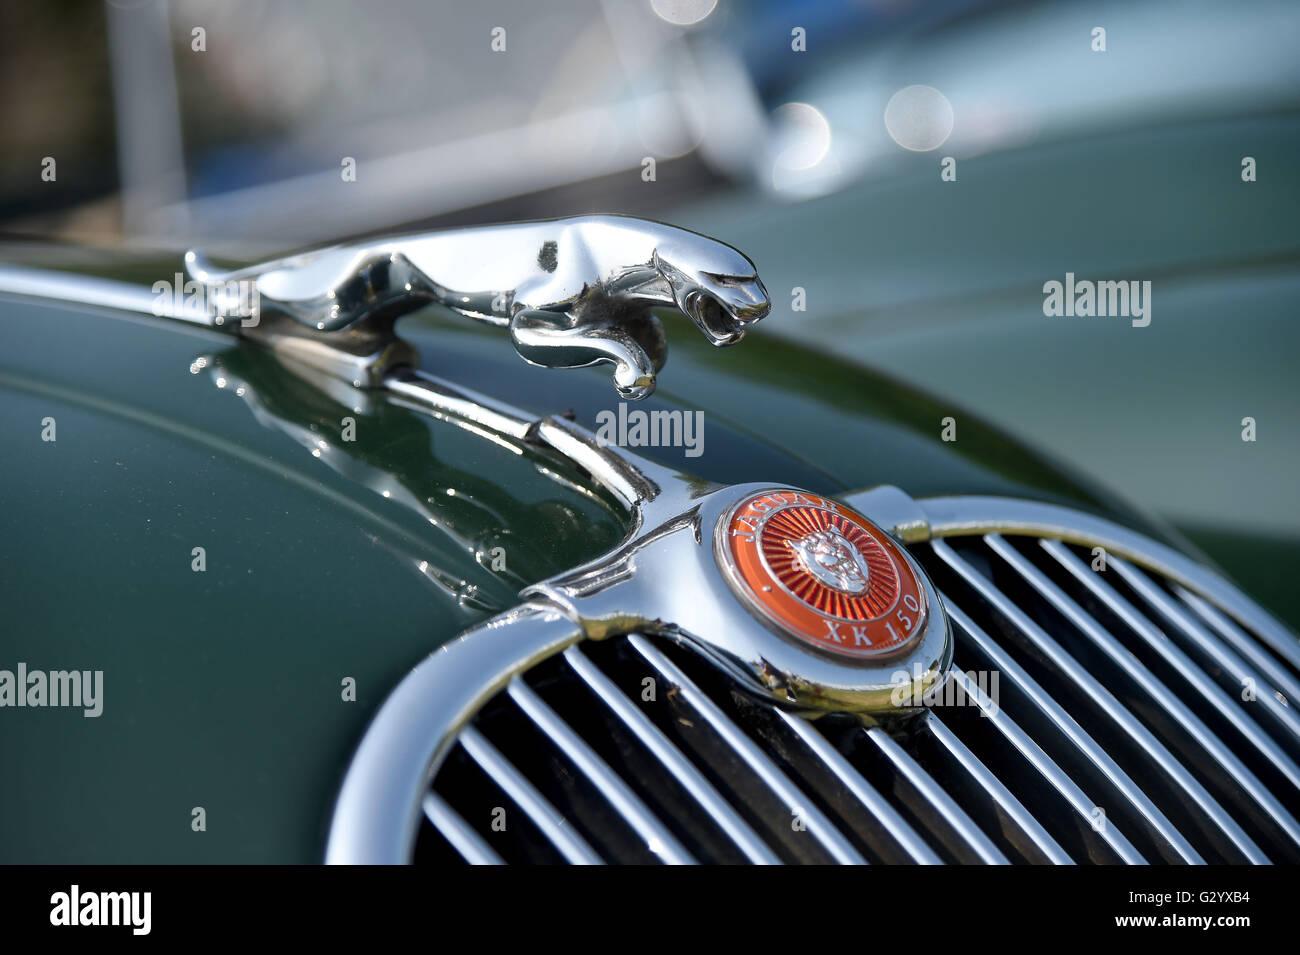 Weymouth, Dorset, UK. 05th June, 2016. Jaguar XK 150 hood ornament ...